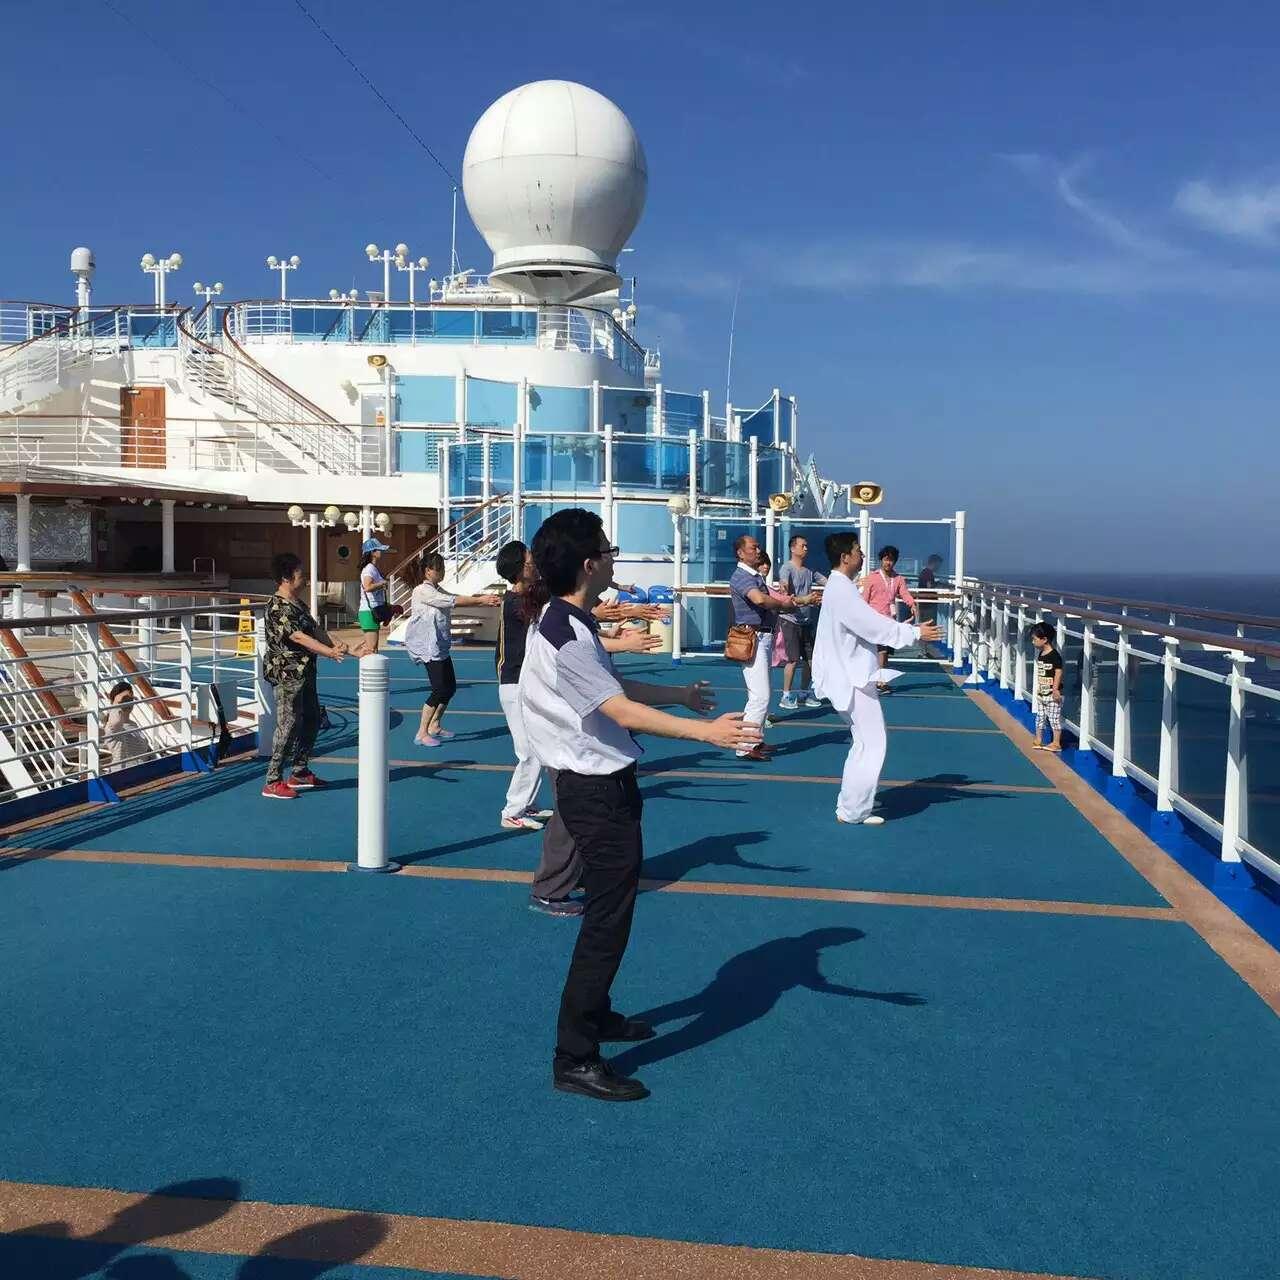 海上太极拳学习